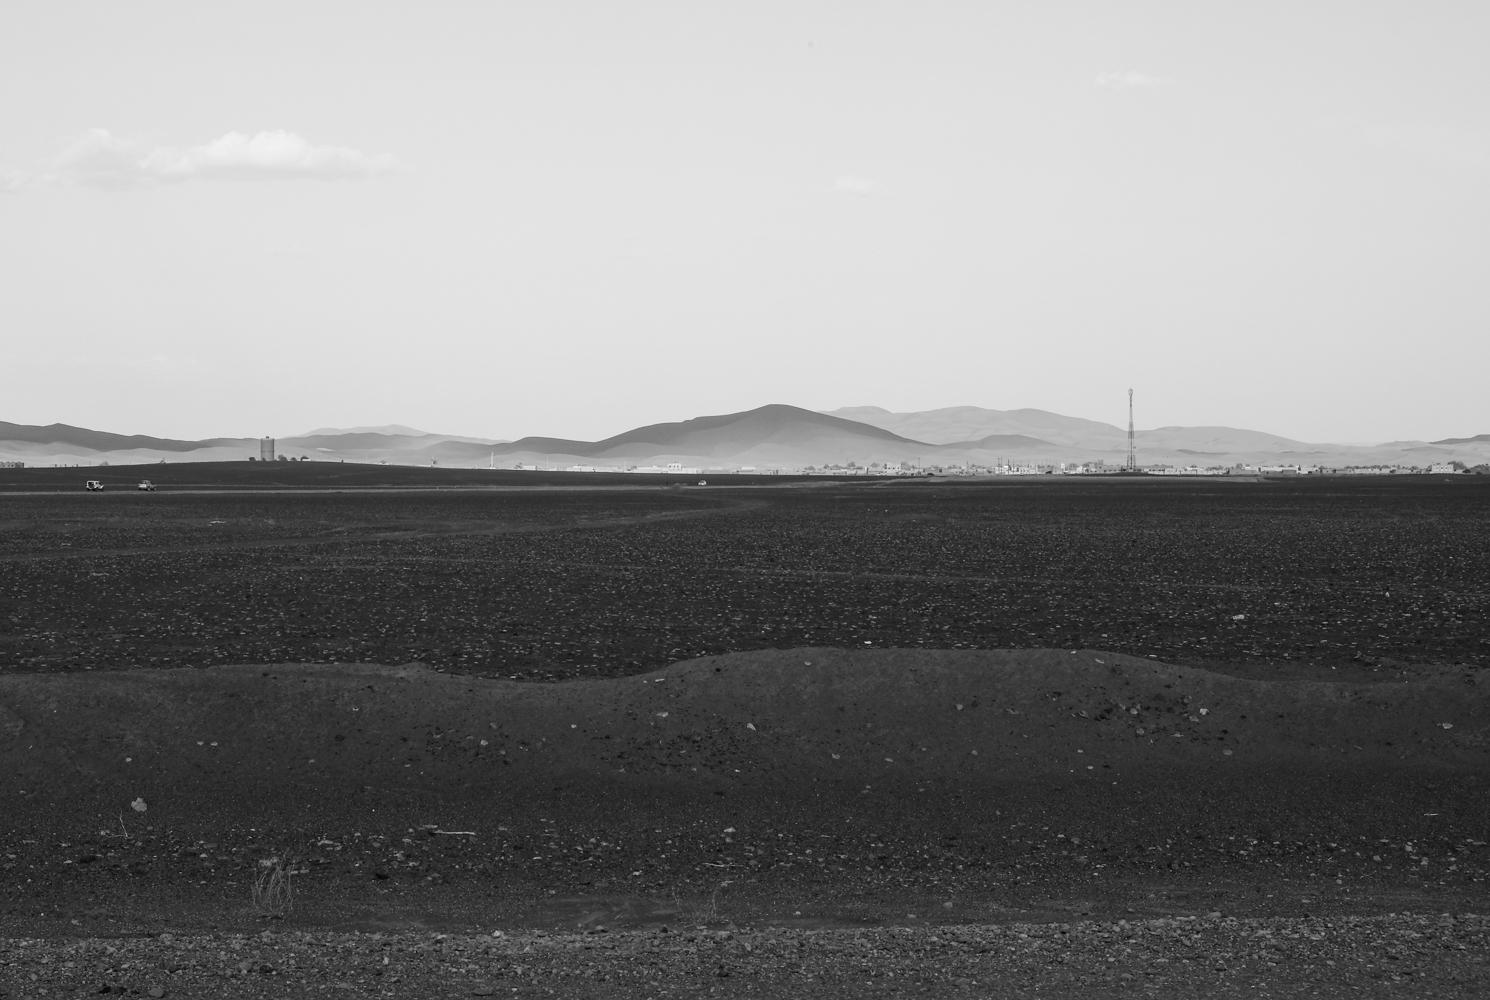 horizon_desert_maroc